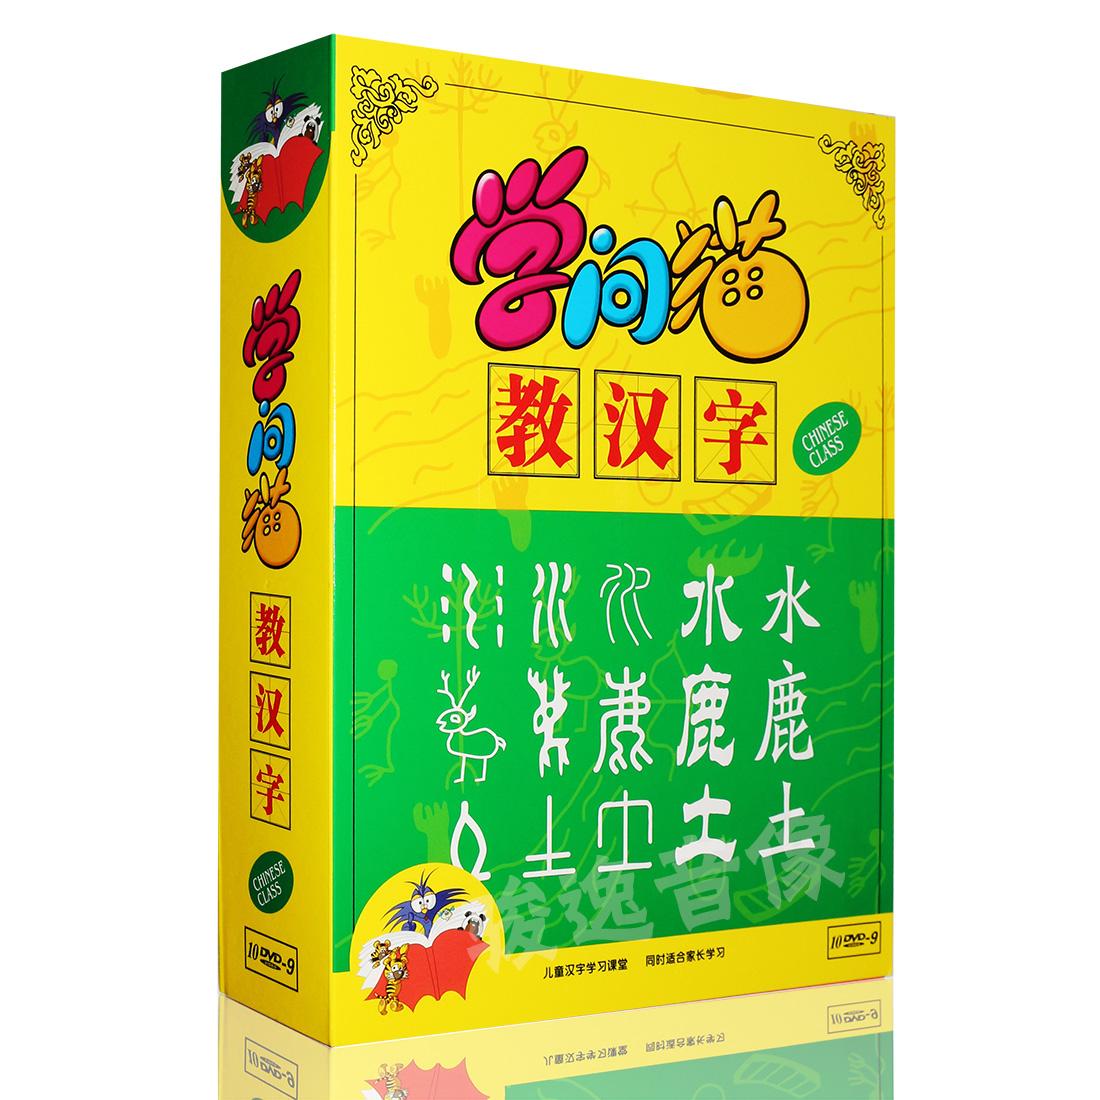 正版学问猫教汉字DVD幼儿童宝宝学识字认字动画教学早教光盘碟片